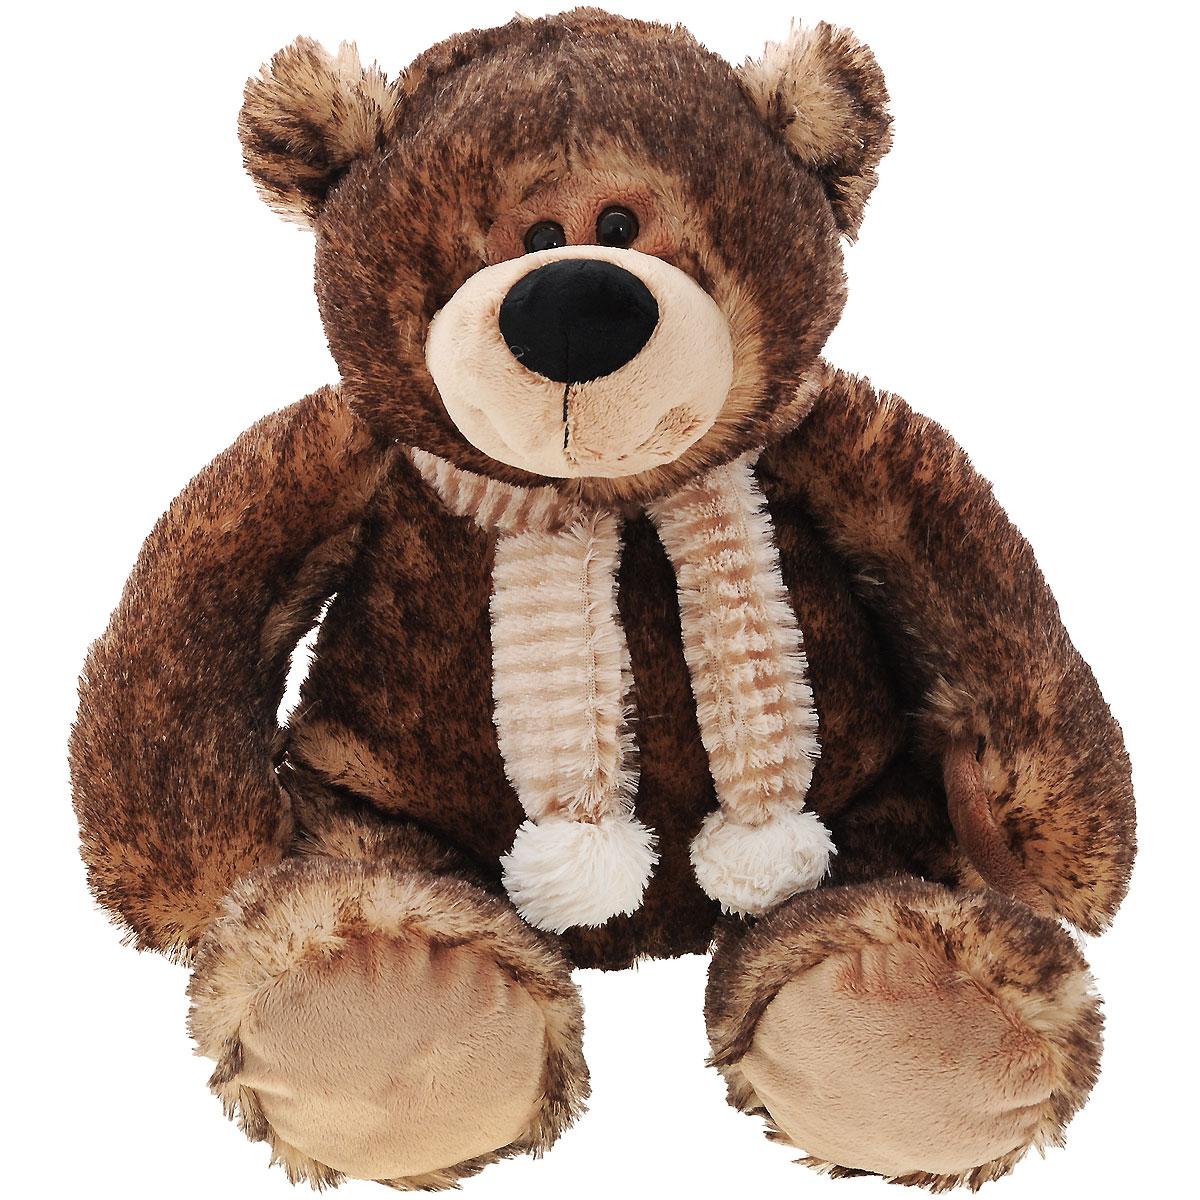 Мягкая игрушка Plush Apple Медведь, цвет: коричневый, 37 см мягкая игрушка plush apple медведь мишуткин с сердцем 30 см